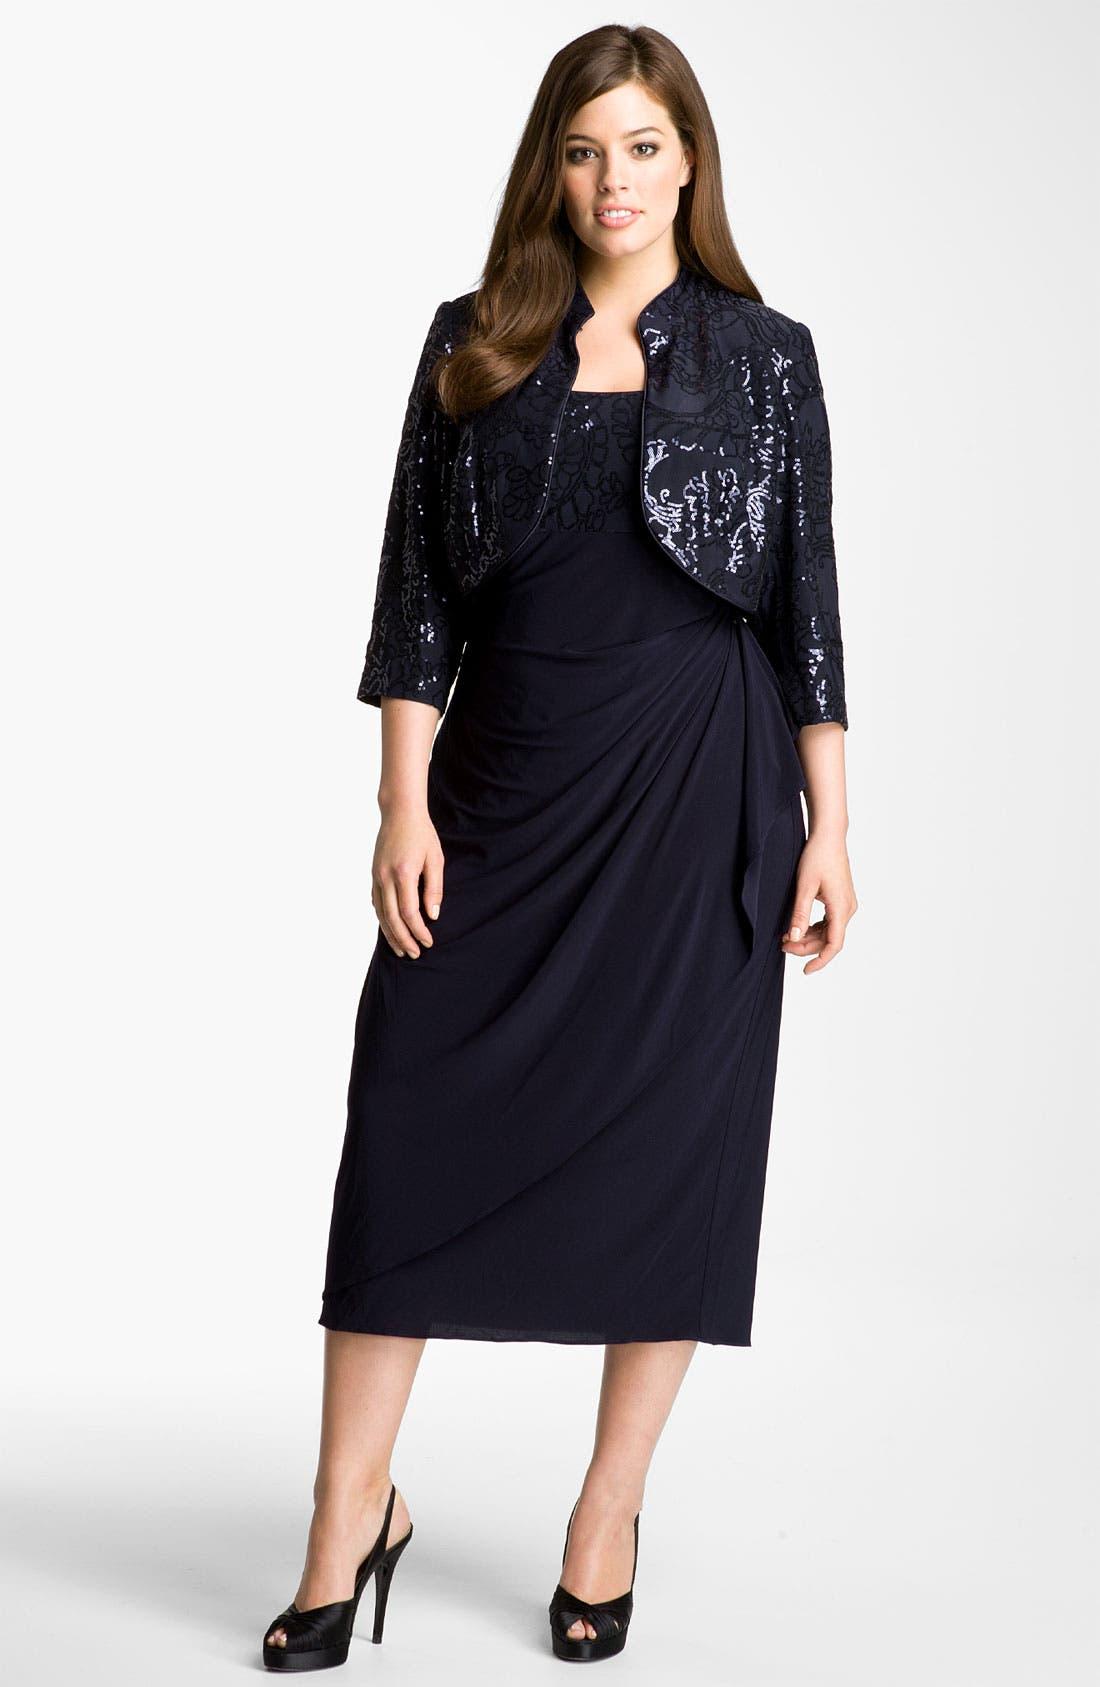 Main Image - Alex Evenings Gathered Dress & Jacket (Plus Size)